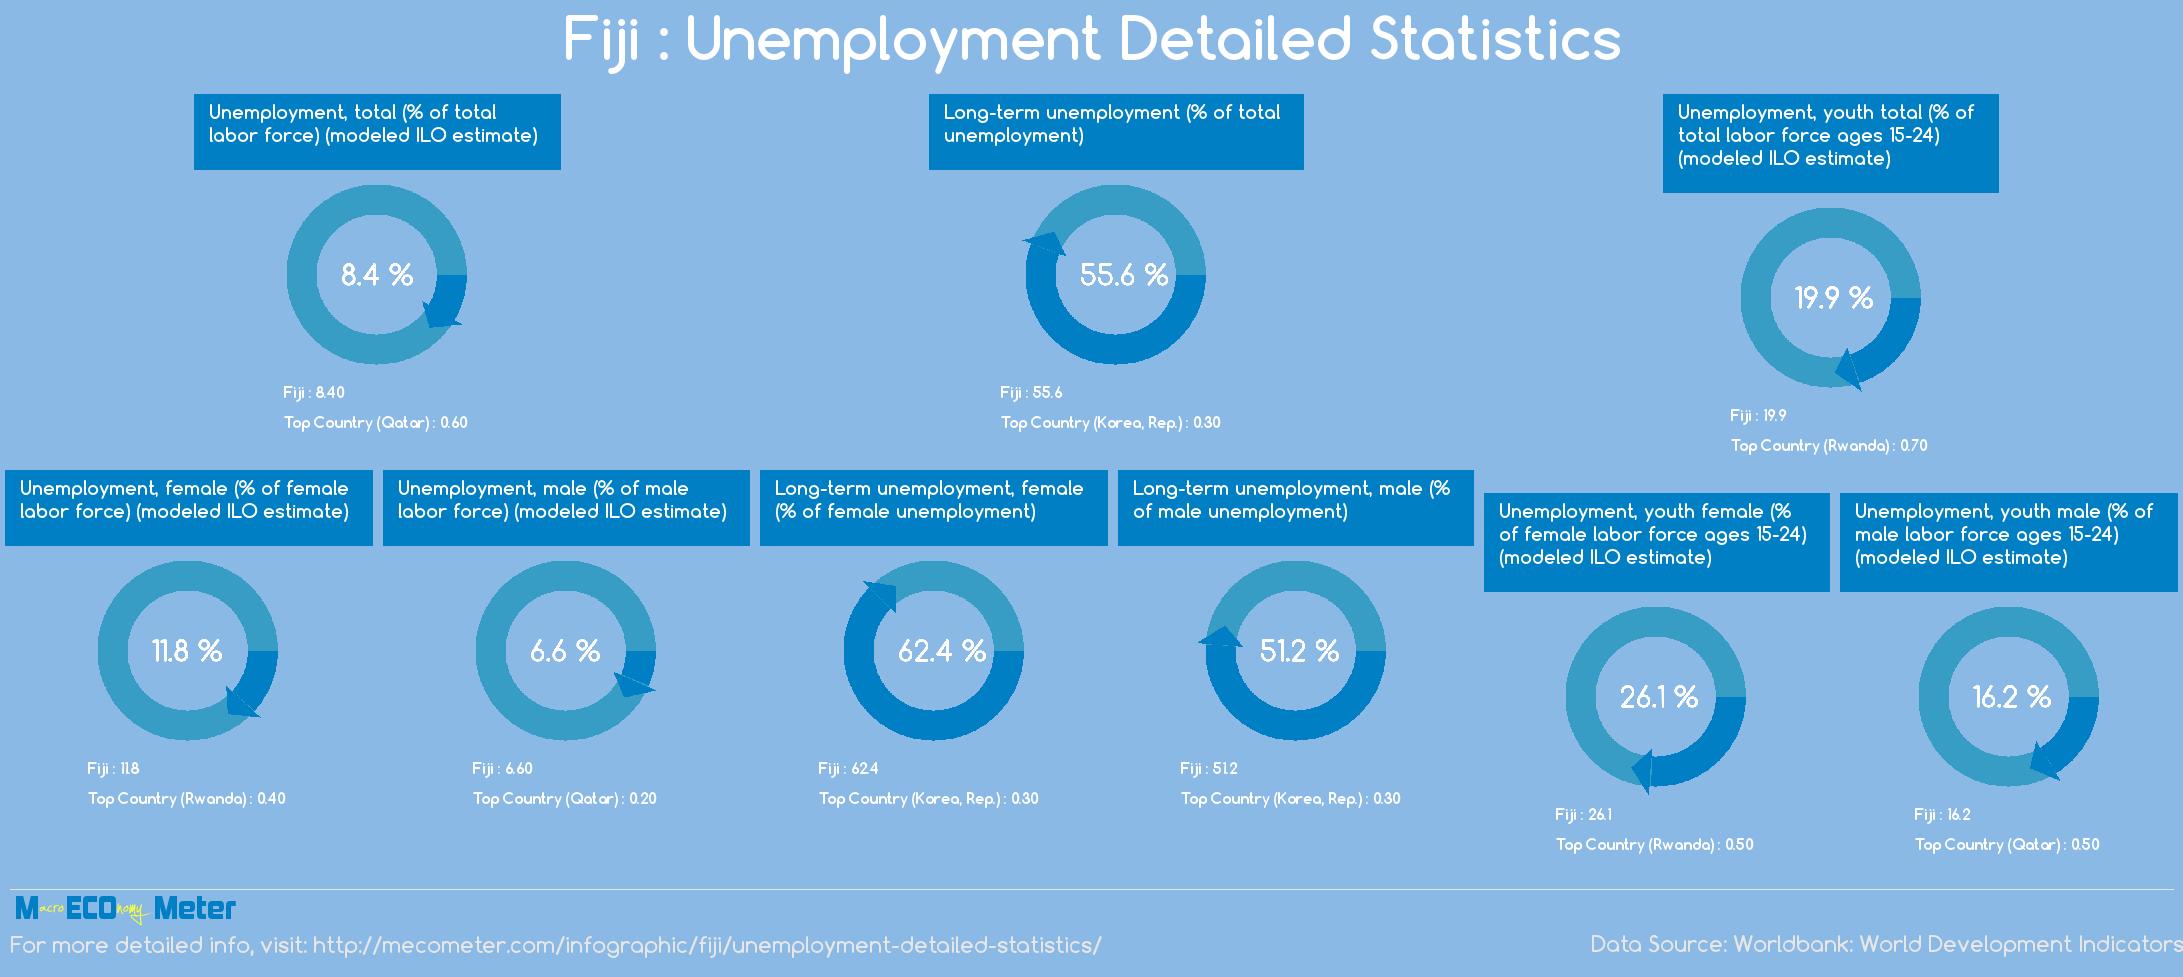 Fiji : Unemployment Detailed Statistics